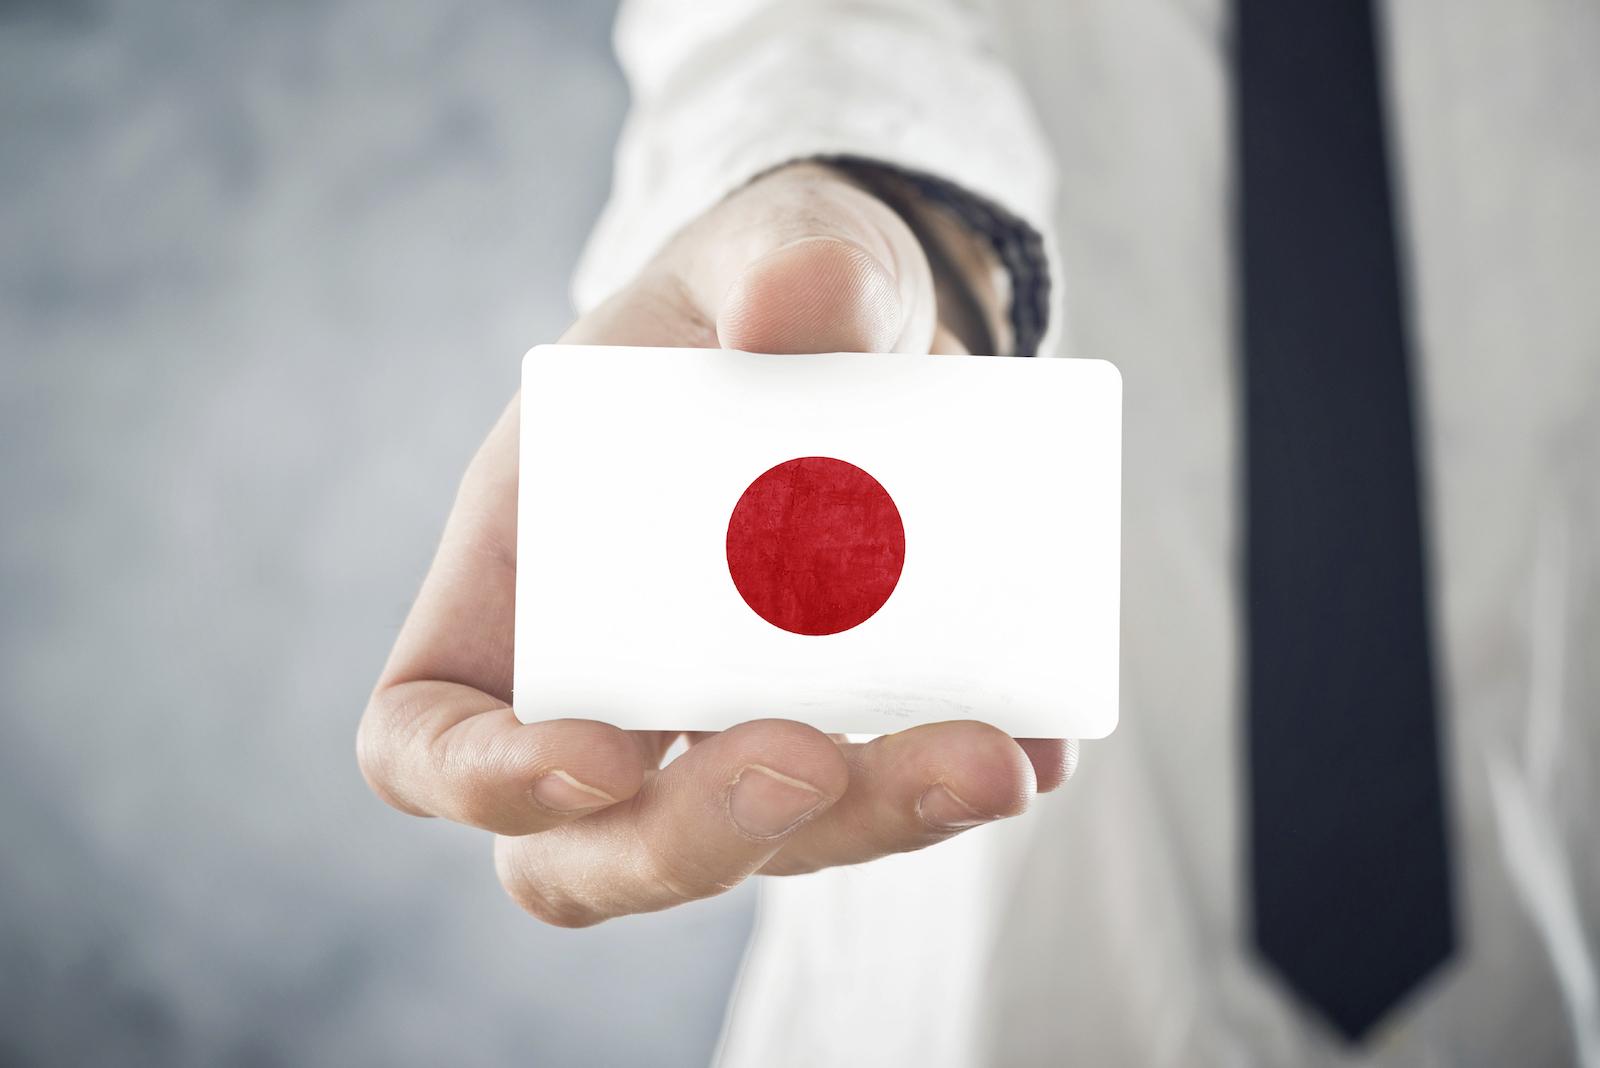 Япония - страна с лучшим инвестклиматом